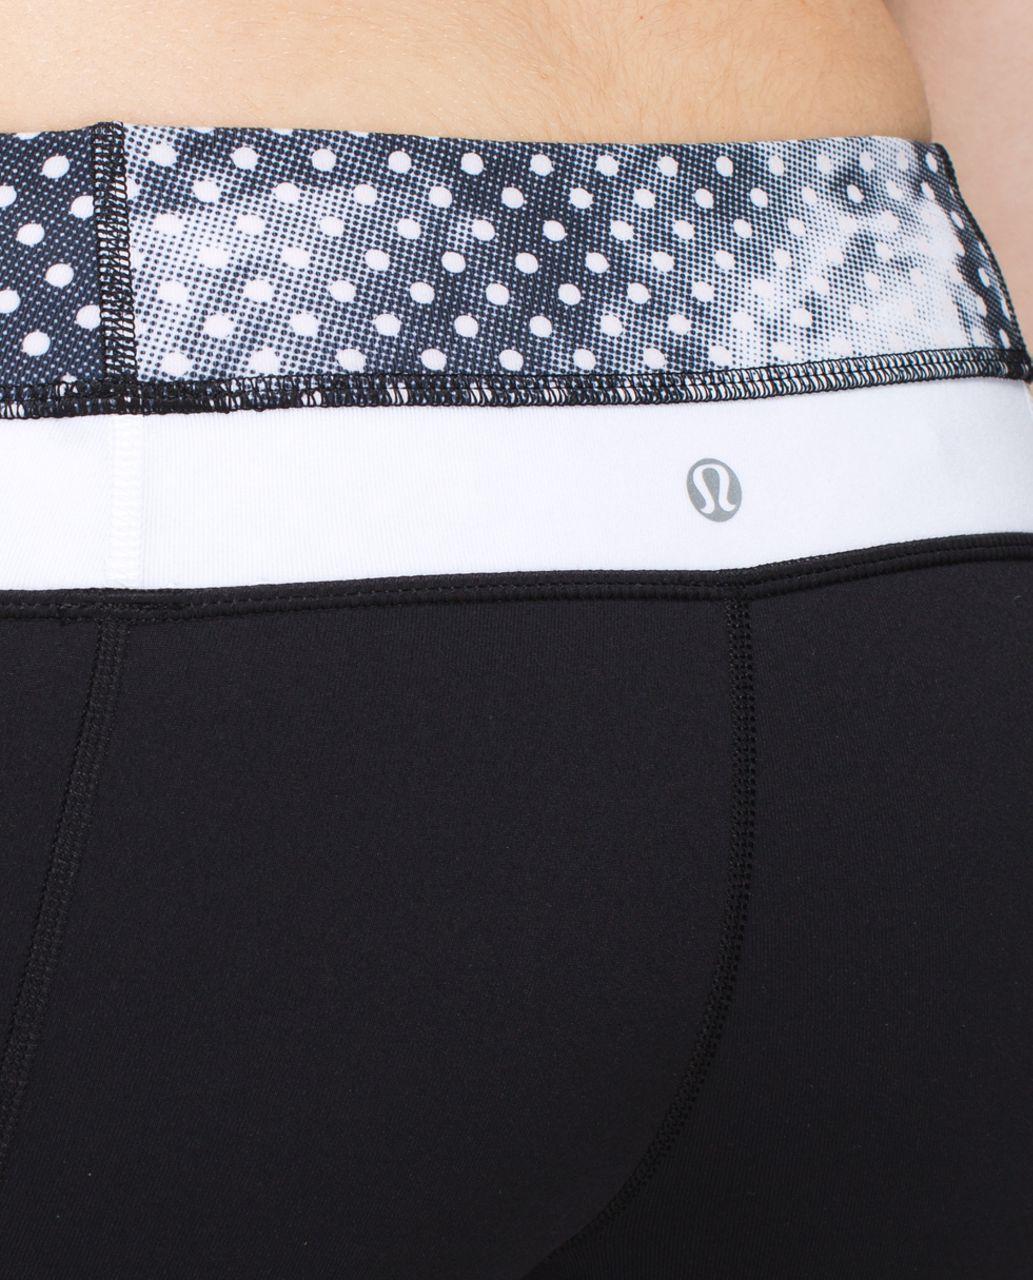 Lululemon Groove Pant *Full-On Luon (Tall) - Black / Dottie Dream Rose Neutral Blush Black / White